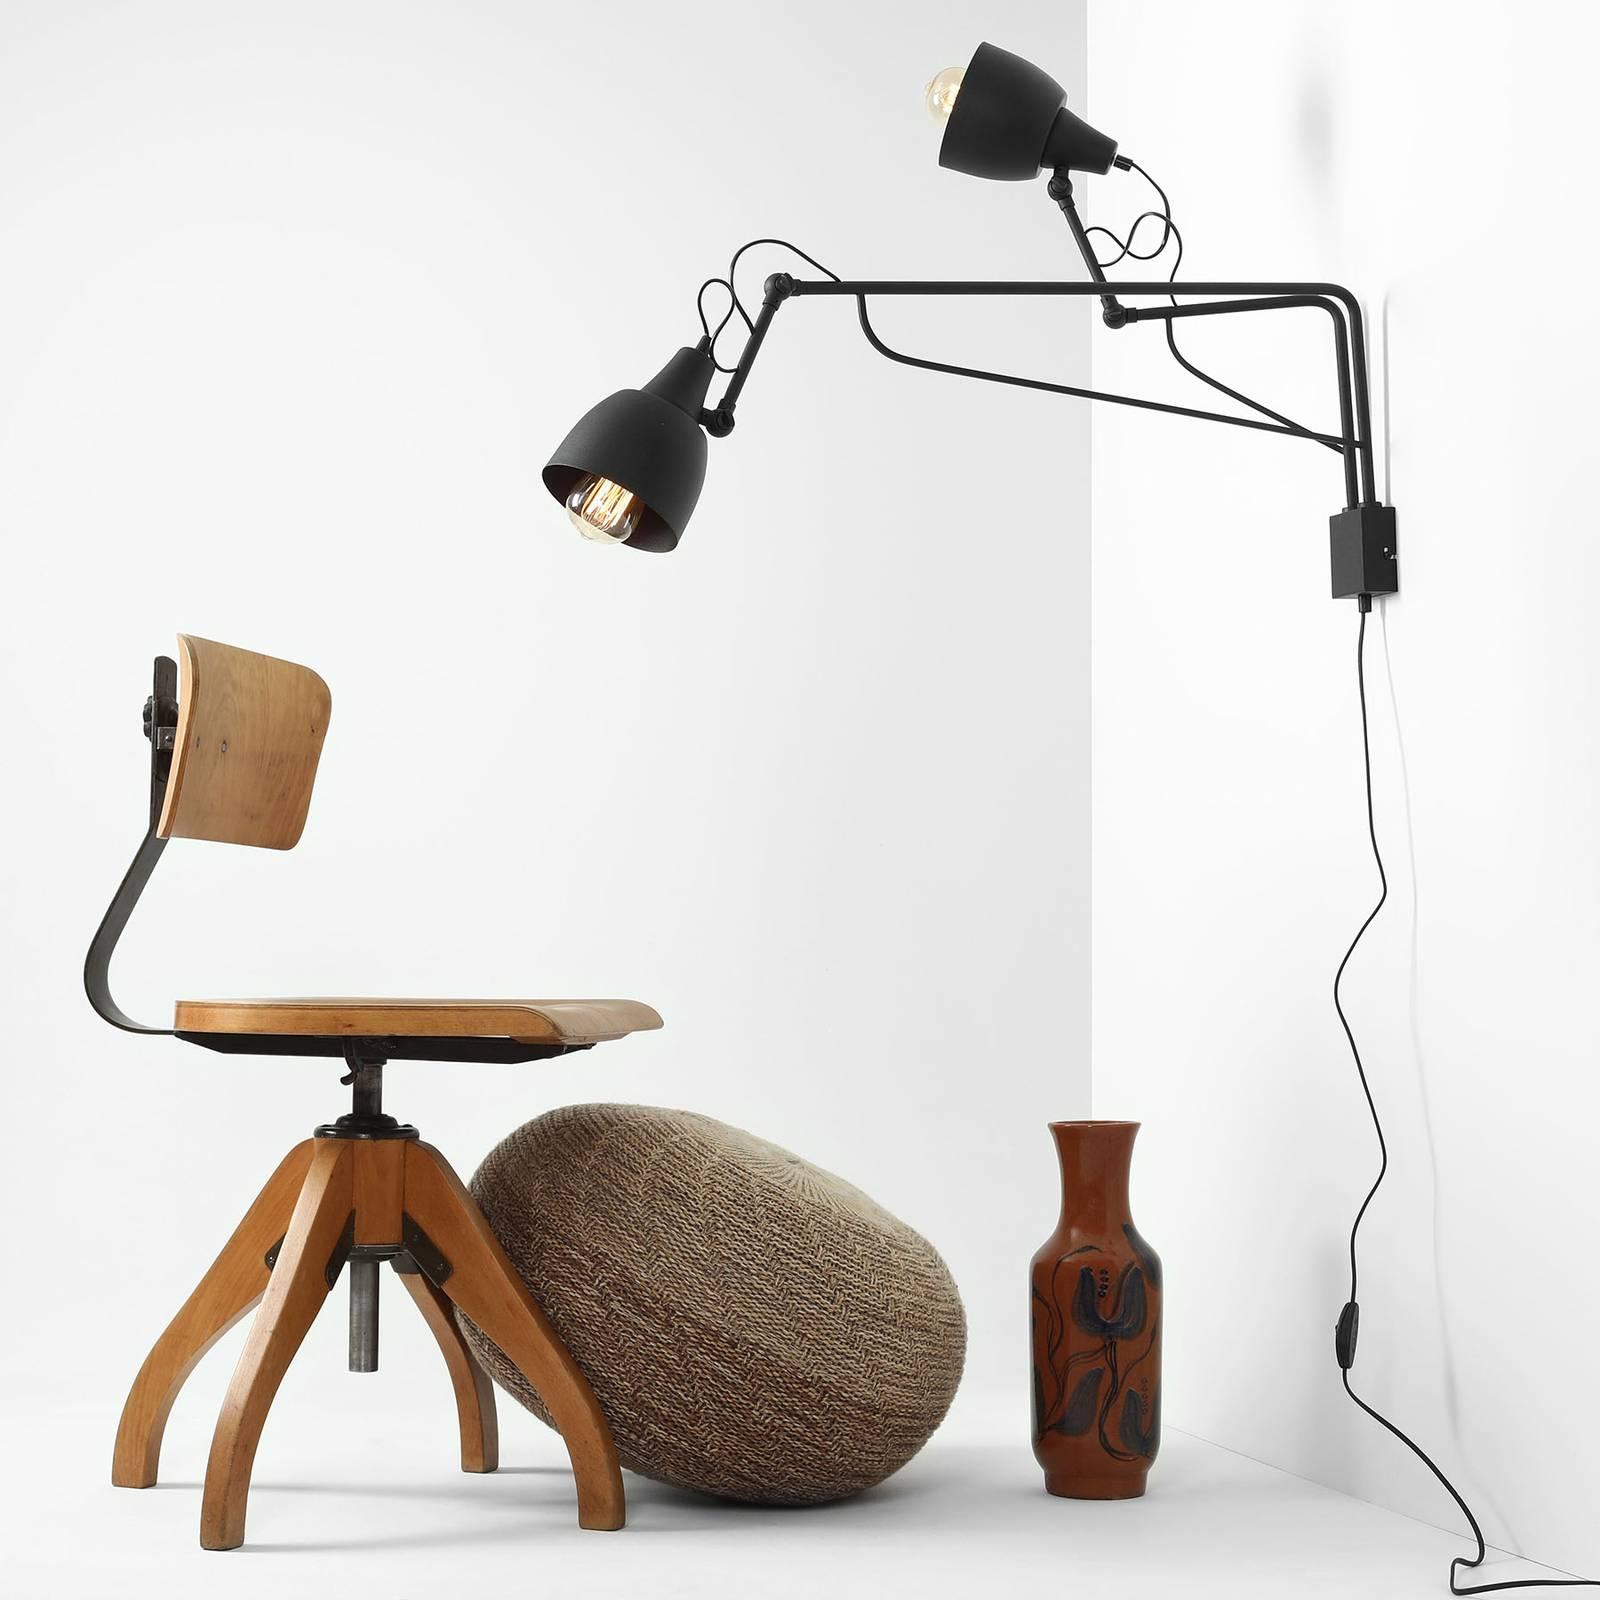 Bilde av 1002 Vegglampe Med Plugg, 2 Lyskilder, Svart